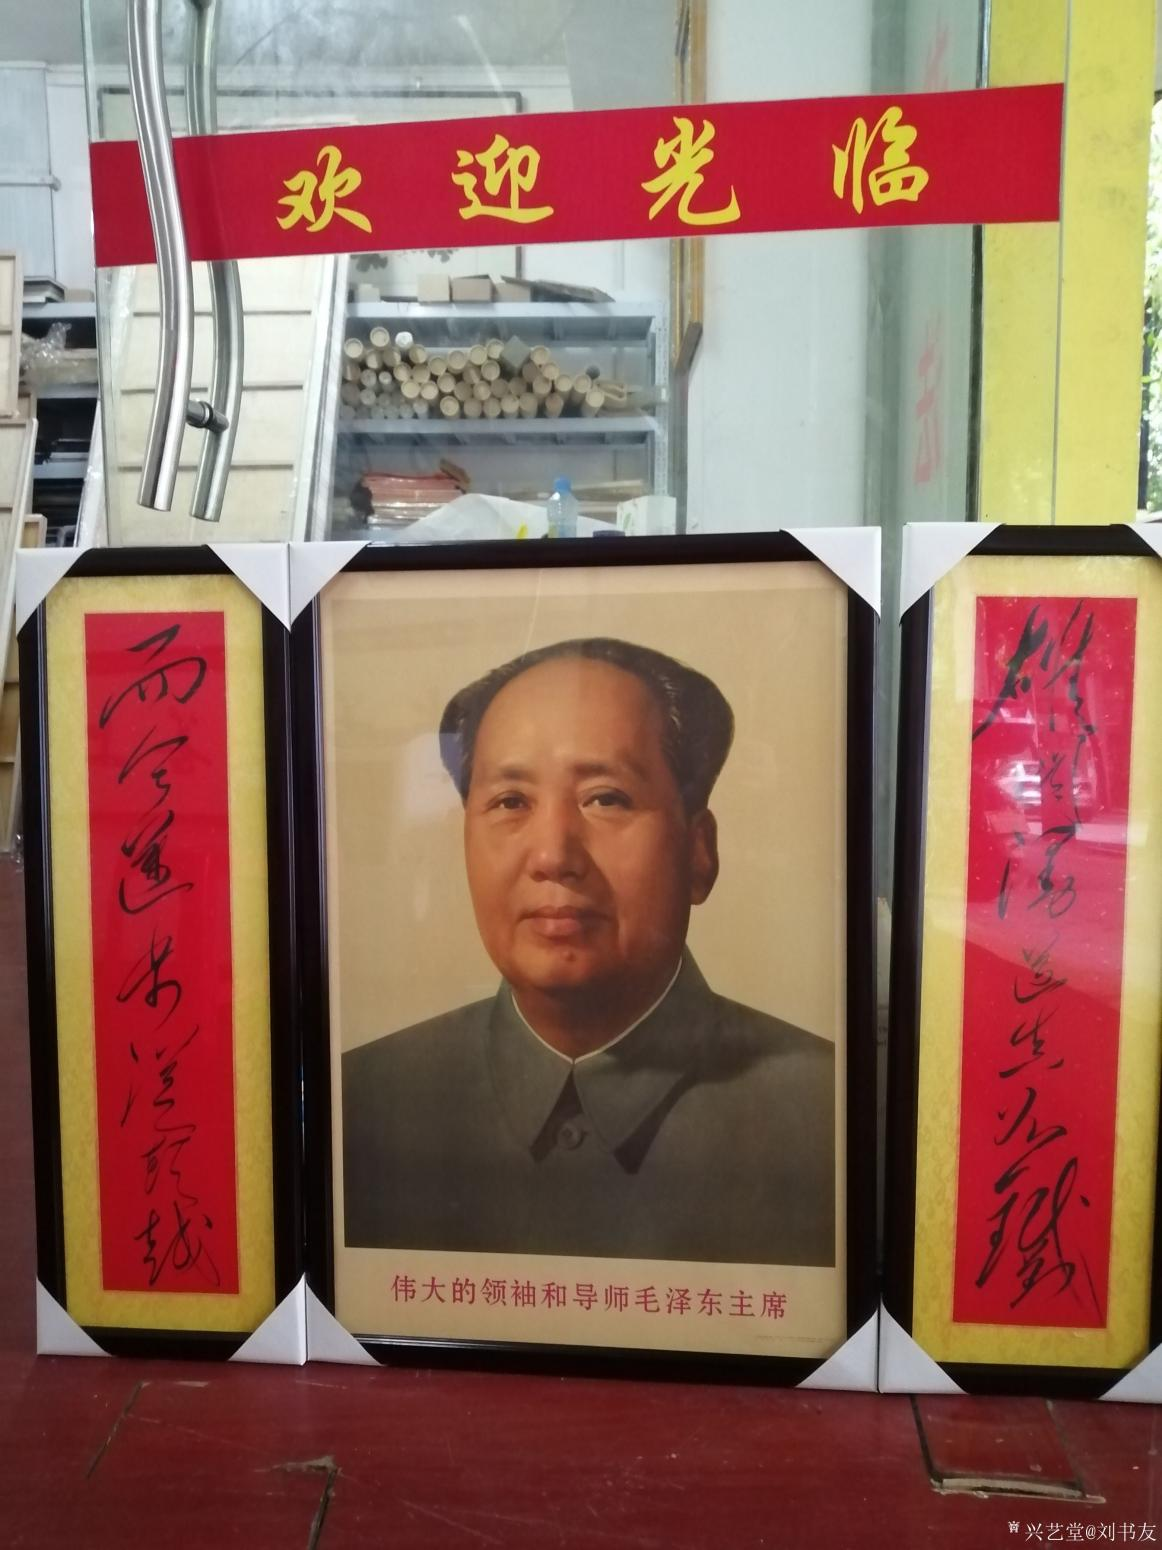 刘书友书法作品《毛主席像配对联》